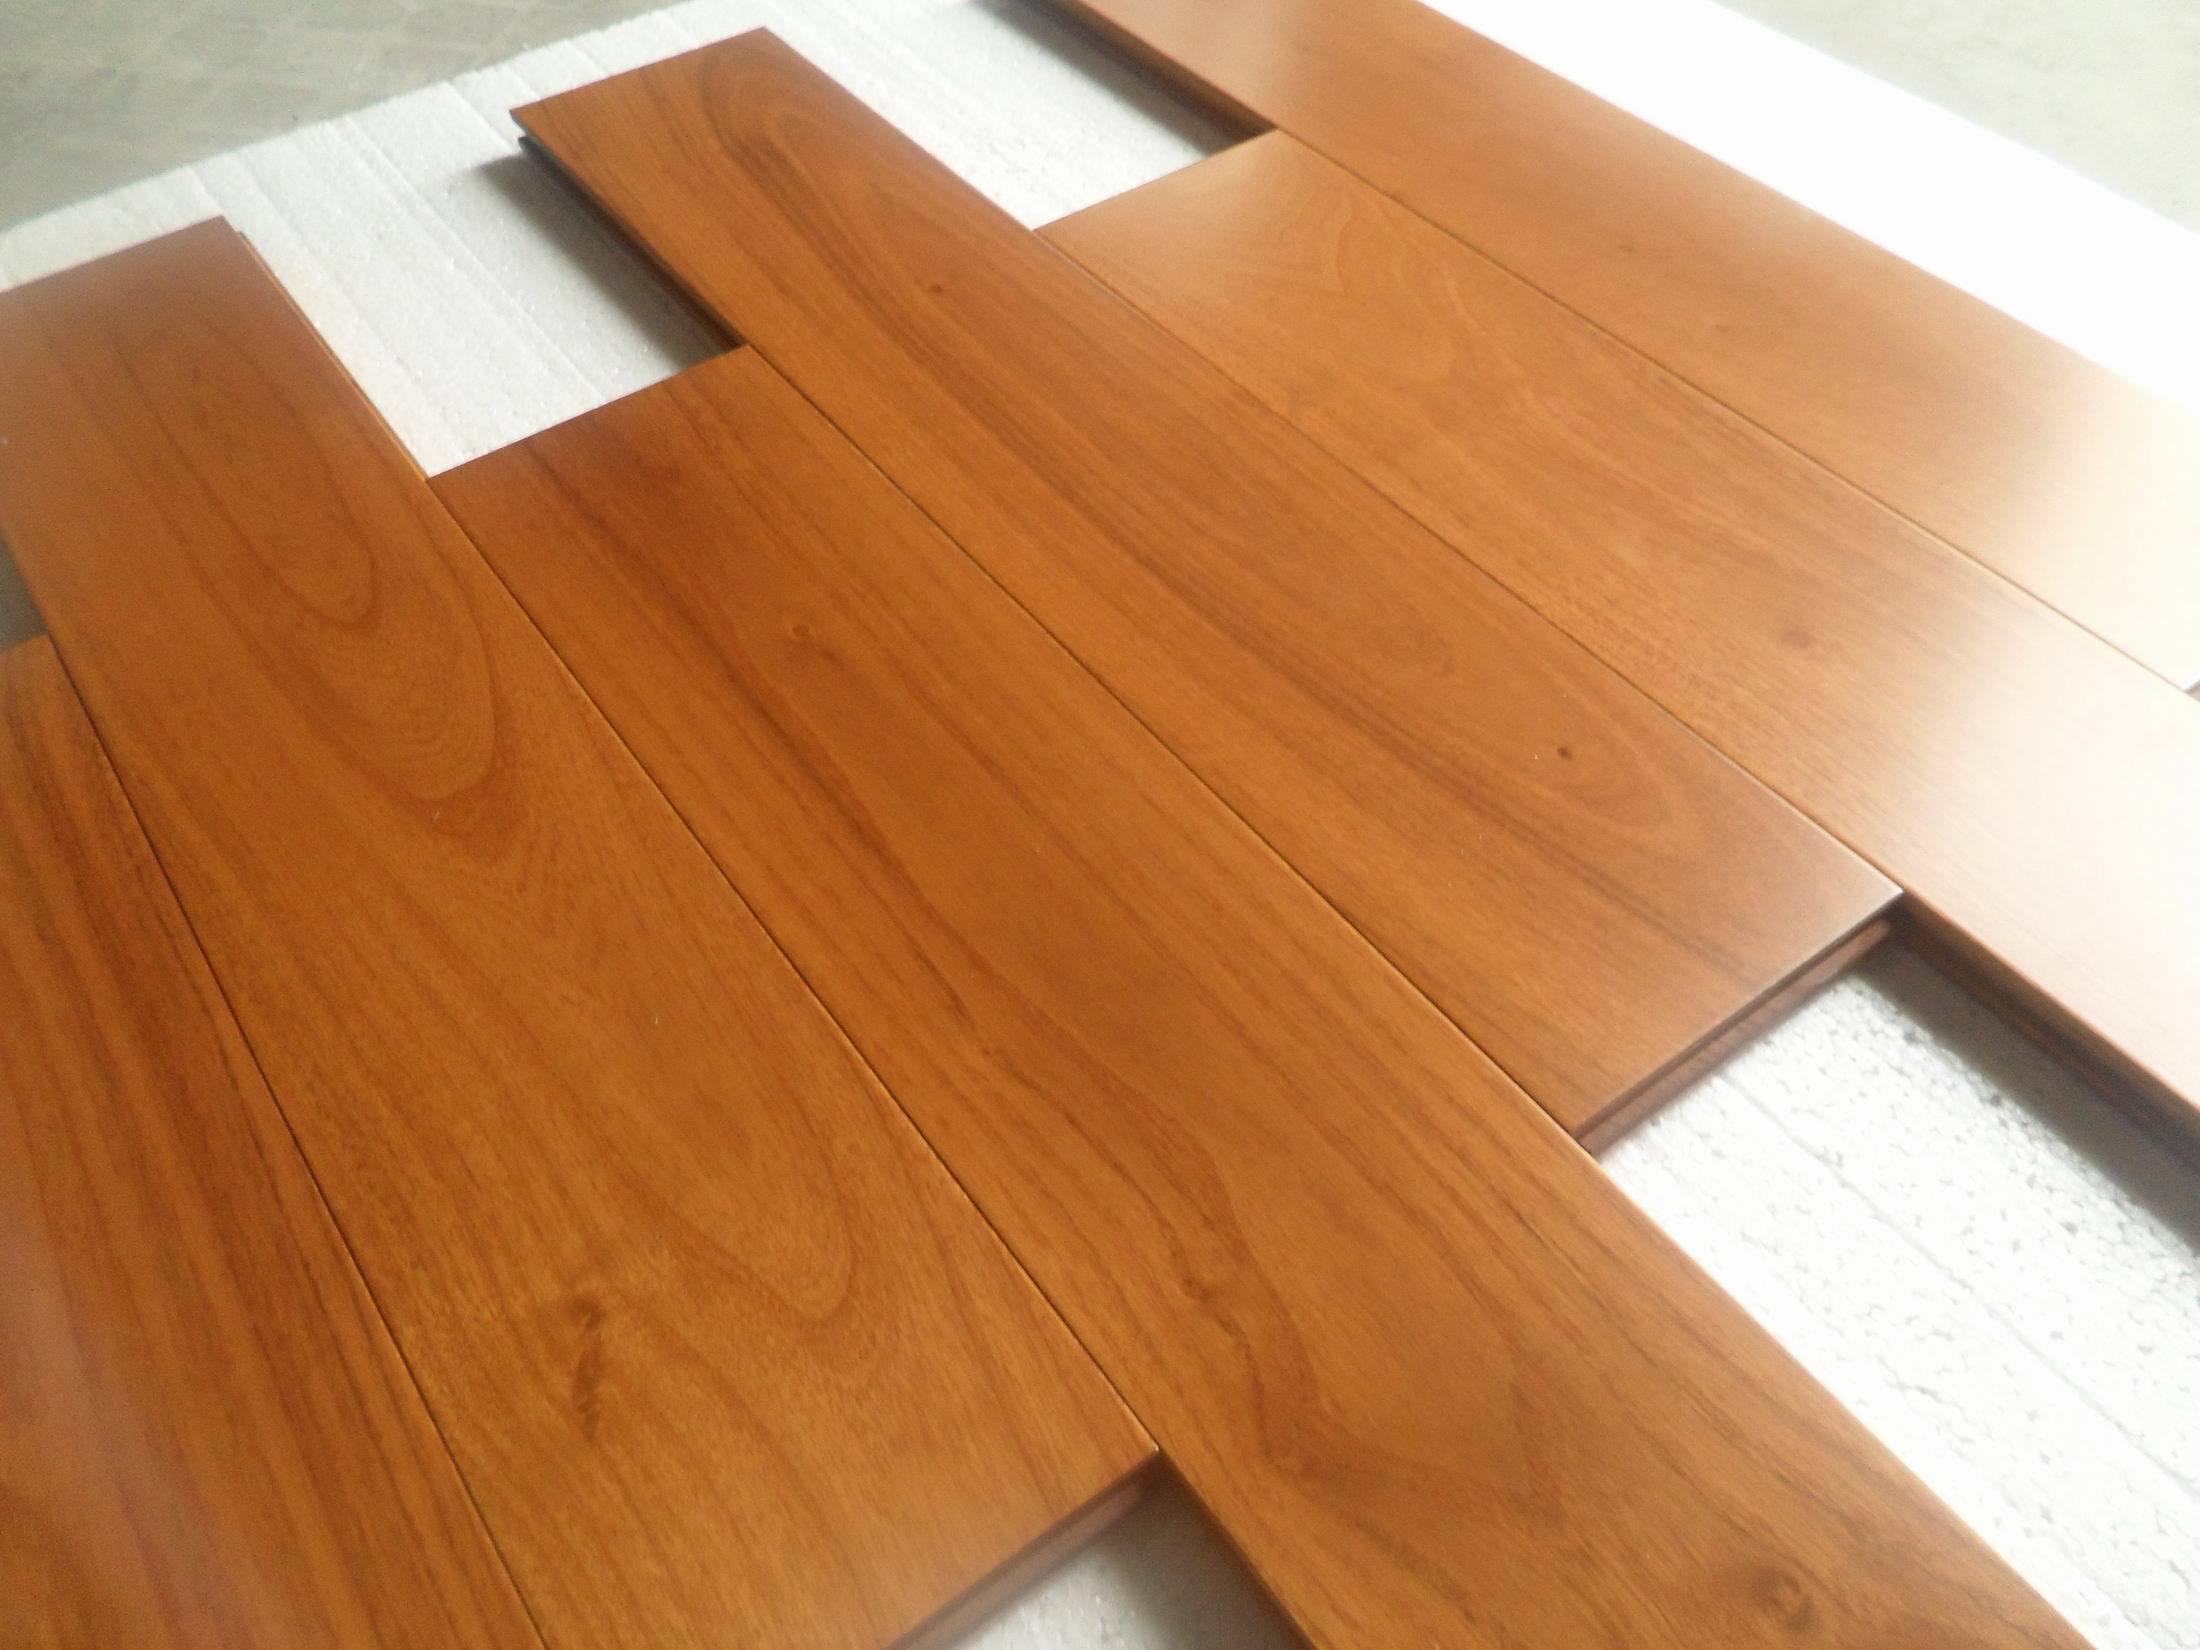 Pavimentazione di legno di Robinia prefinito – Pavimentazione di ...